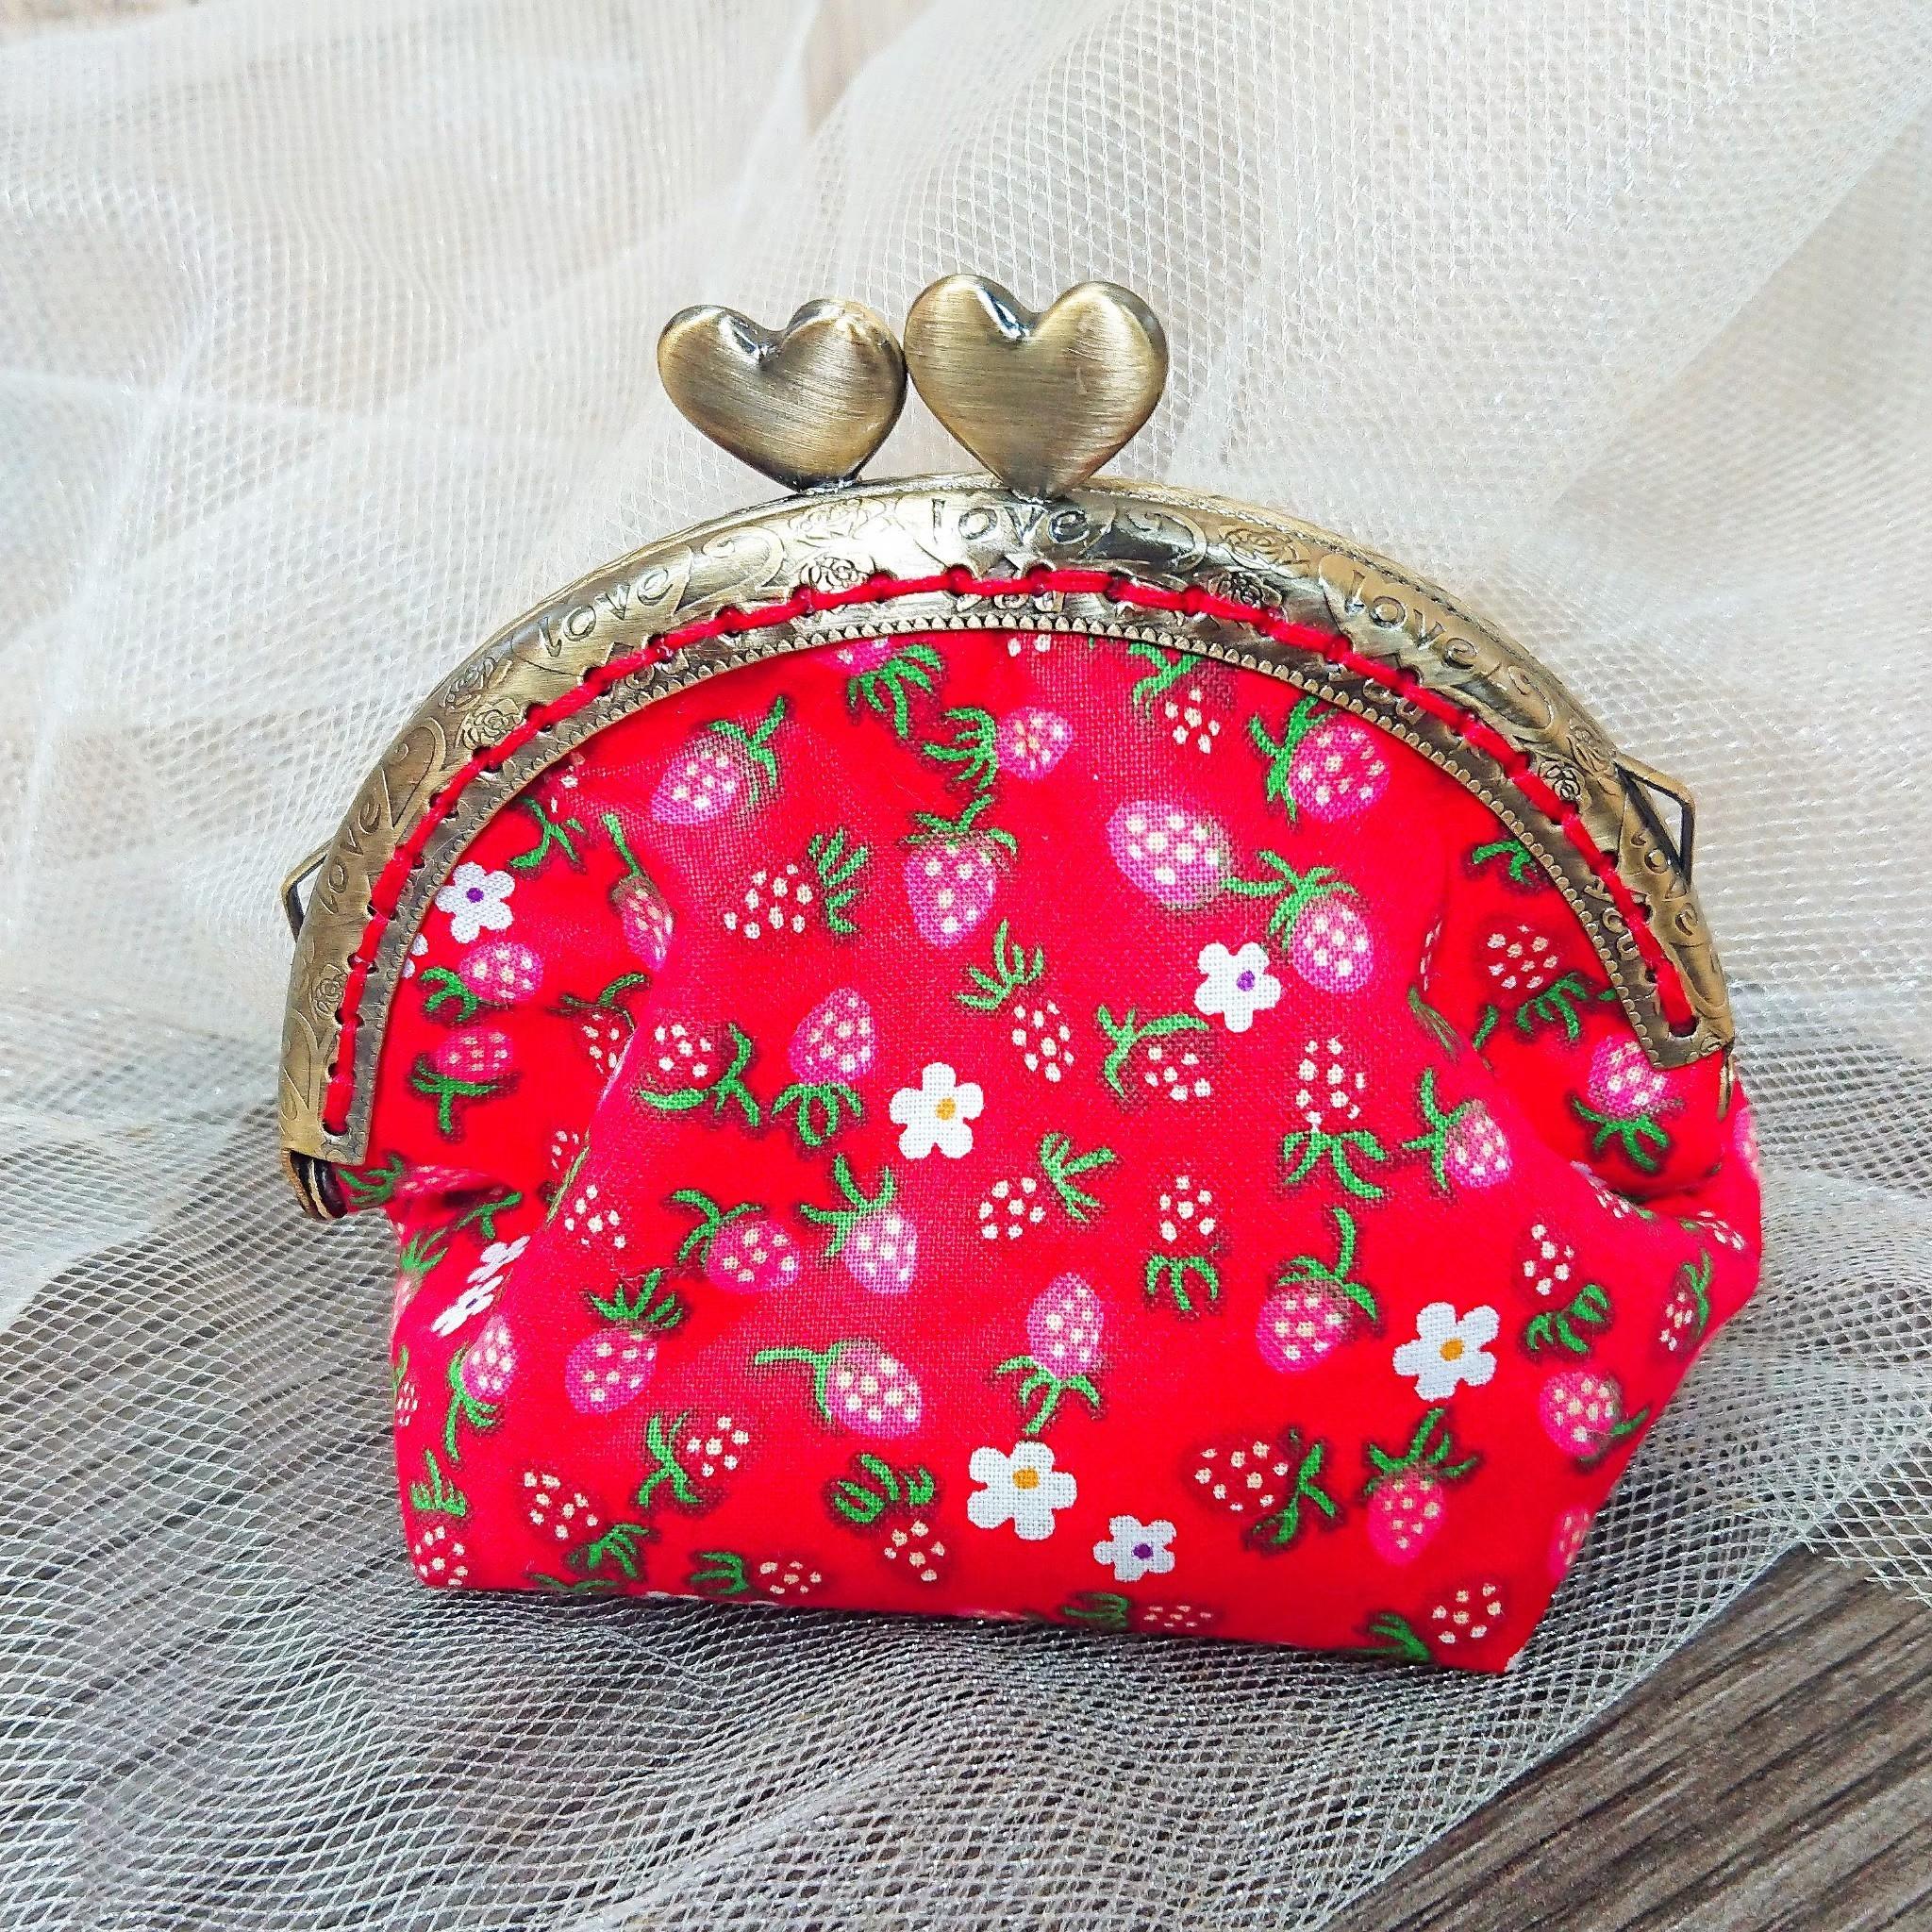 傢飾藝品-手作織布零錢包(草莓紅)